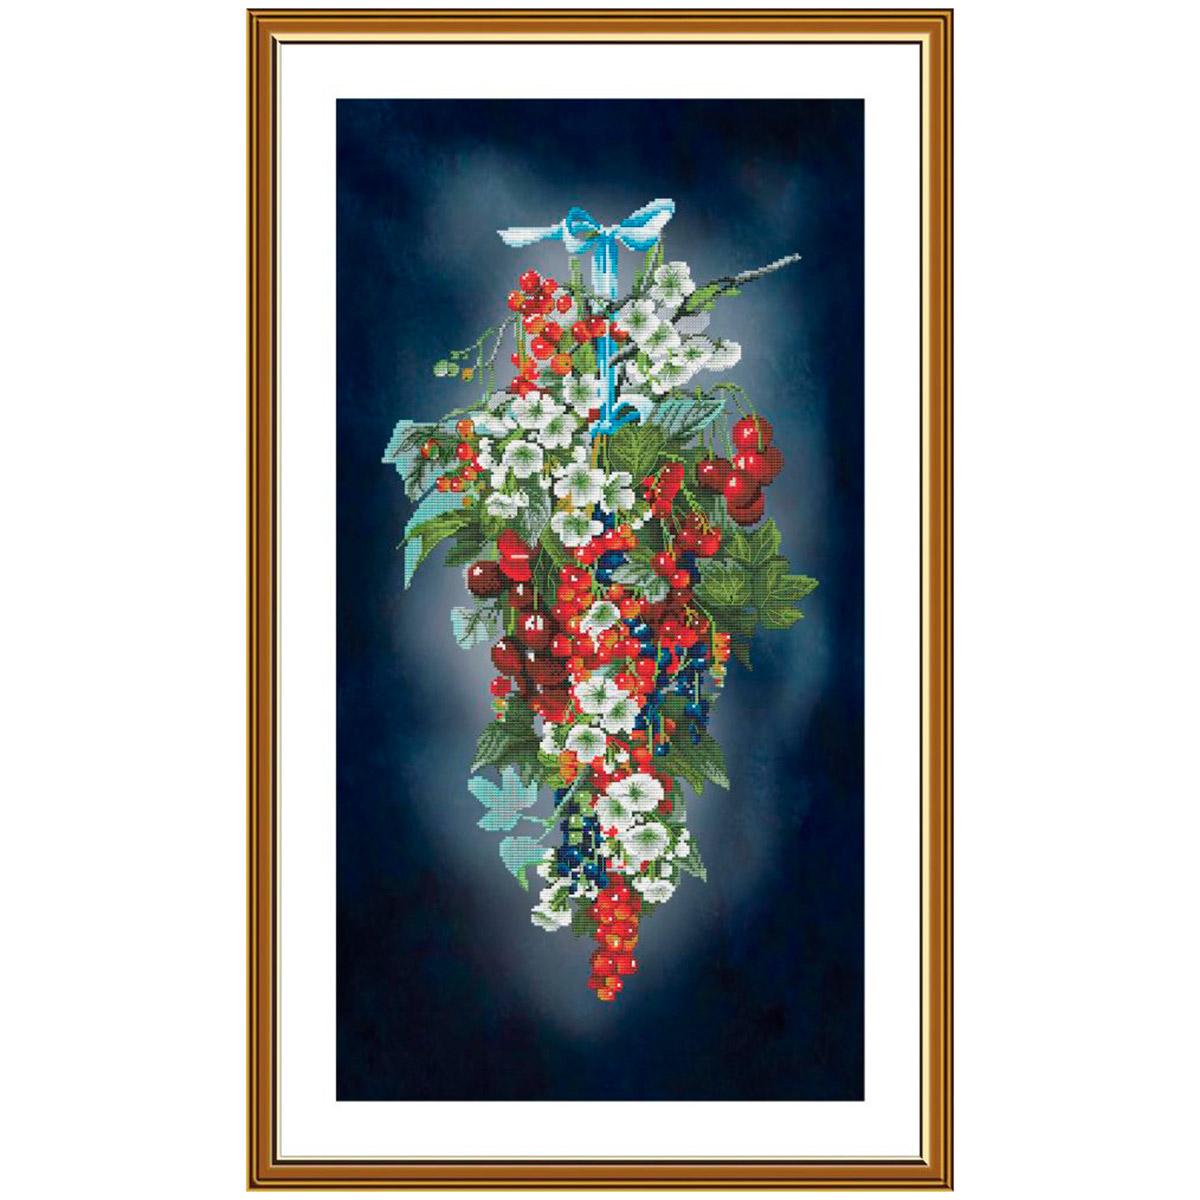 СР6240 Набор для вышивания 'Ягодный каскад'29 x55 см